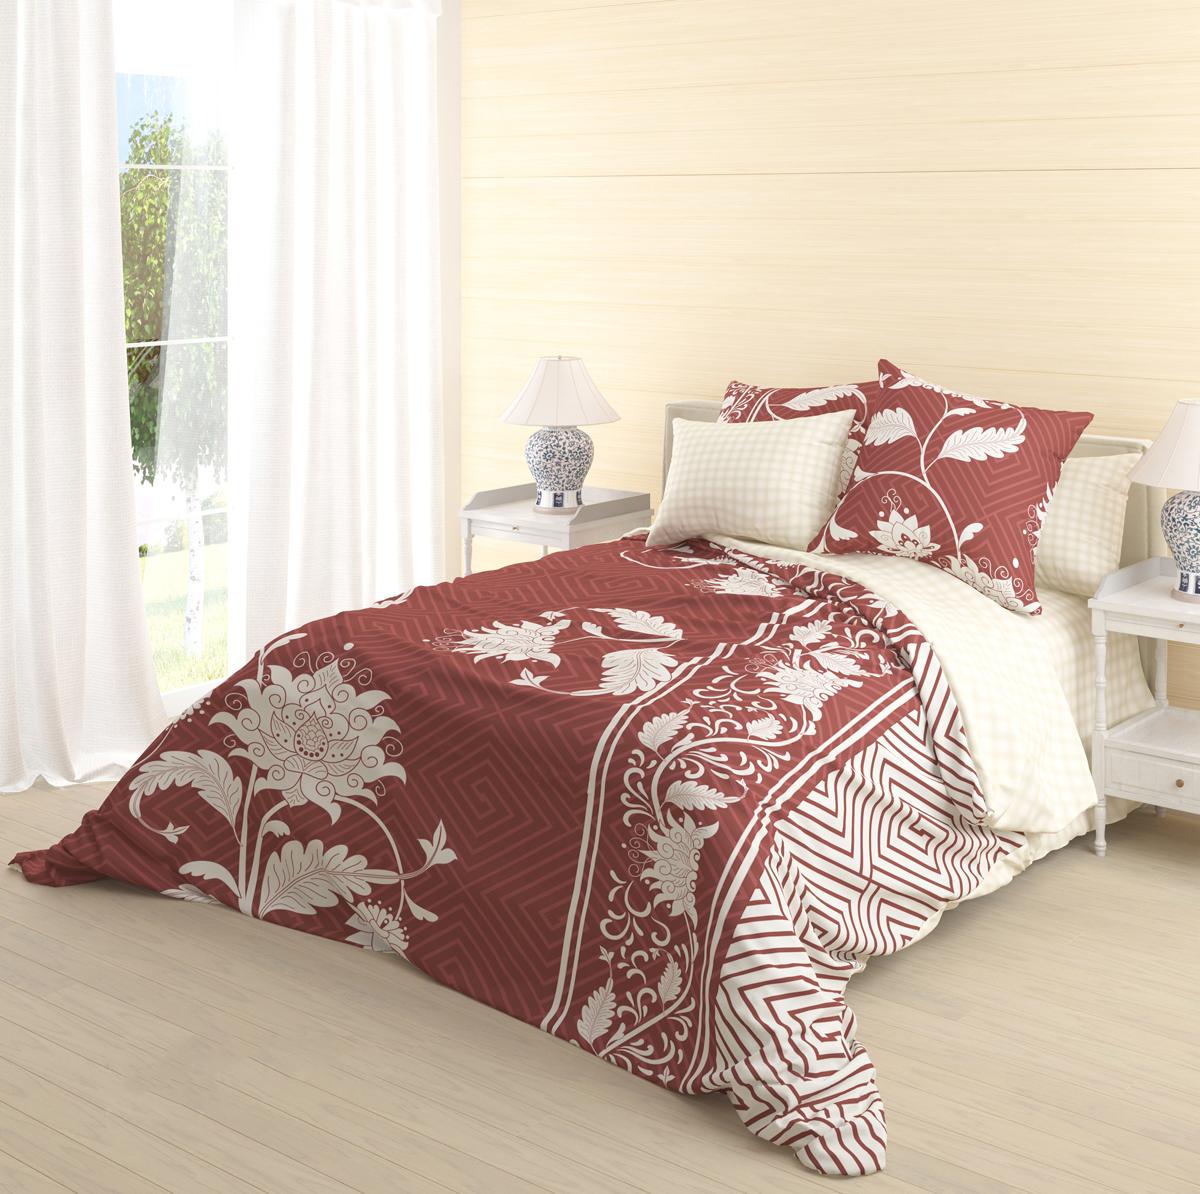 Комплект белья Волшебная ночь Rozan, 2-спальный, наволочки 70х70 см718593Роскошный комплект постельного белья Волшебная ночь Rozan выполнен из натурального ранфорса (100% хлопка) и оформлен оригинальным рисунком. Комплект состоит из пододеяльника, простыни и двух наволочек.Ранфорс - это новая современная гипоаллергенная ткань из натуральных хлопковых волокон, которая прекрасно впитывает влагу, очень проста в уходе, а за счет высокой прочности способна выдерживать большое количество стирок. Высочайшее качество материала гарантирует безопасность.